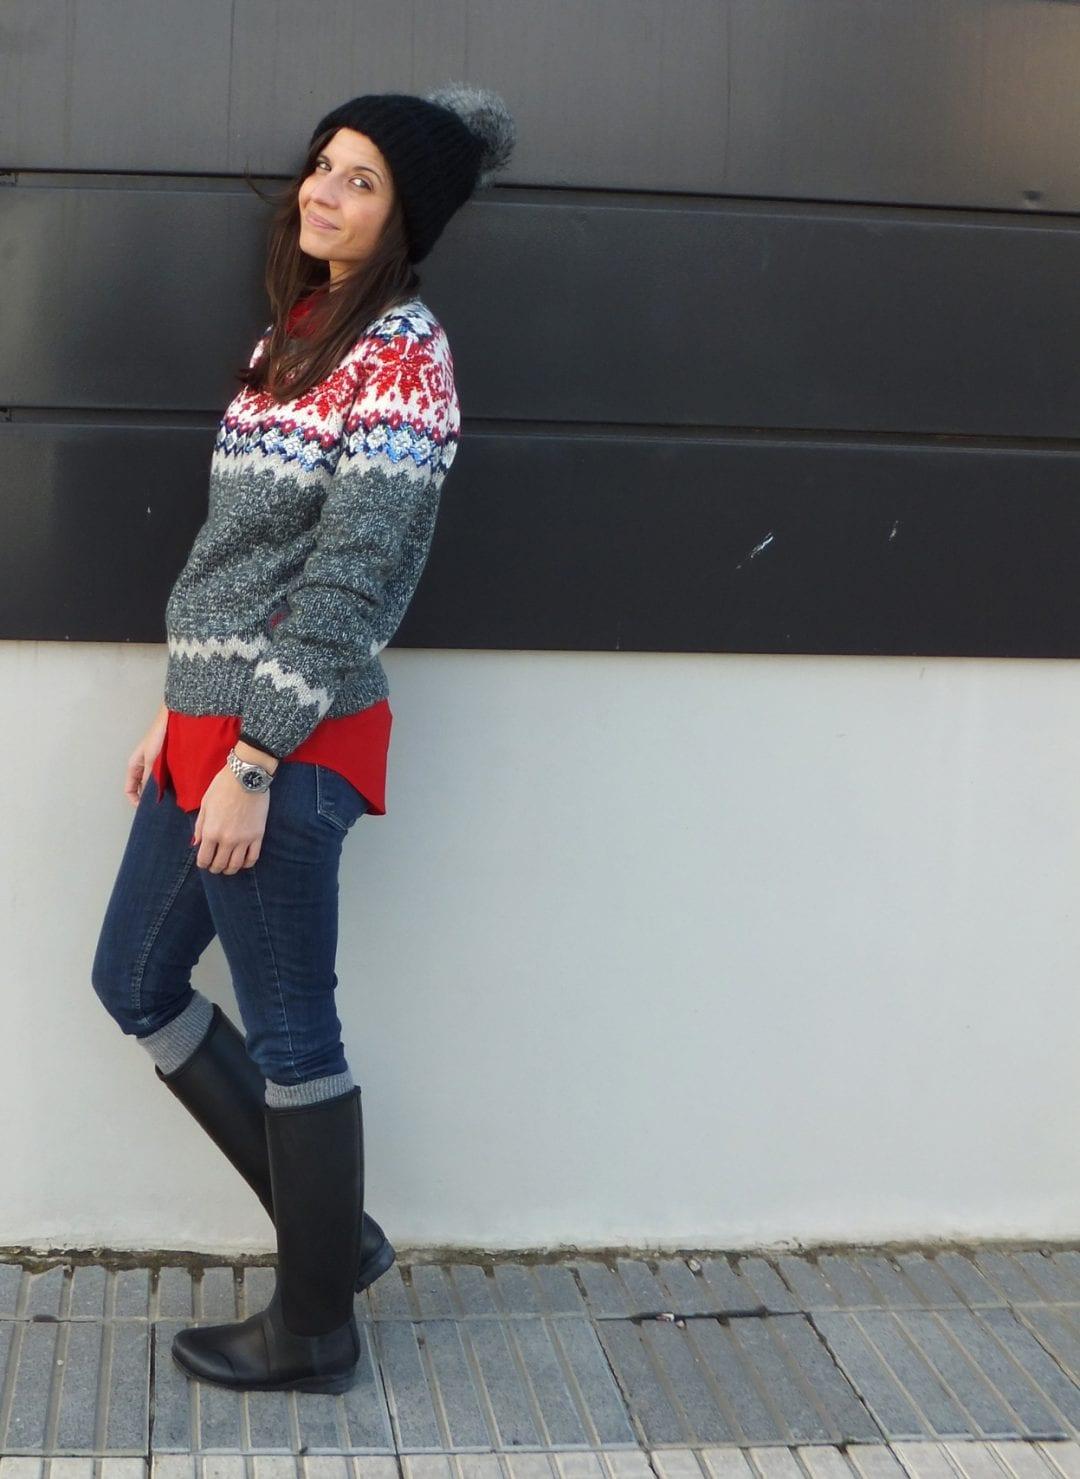 blog sobre moda hunter boots y jersey navideño